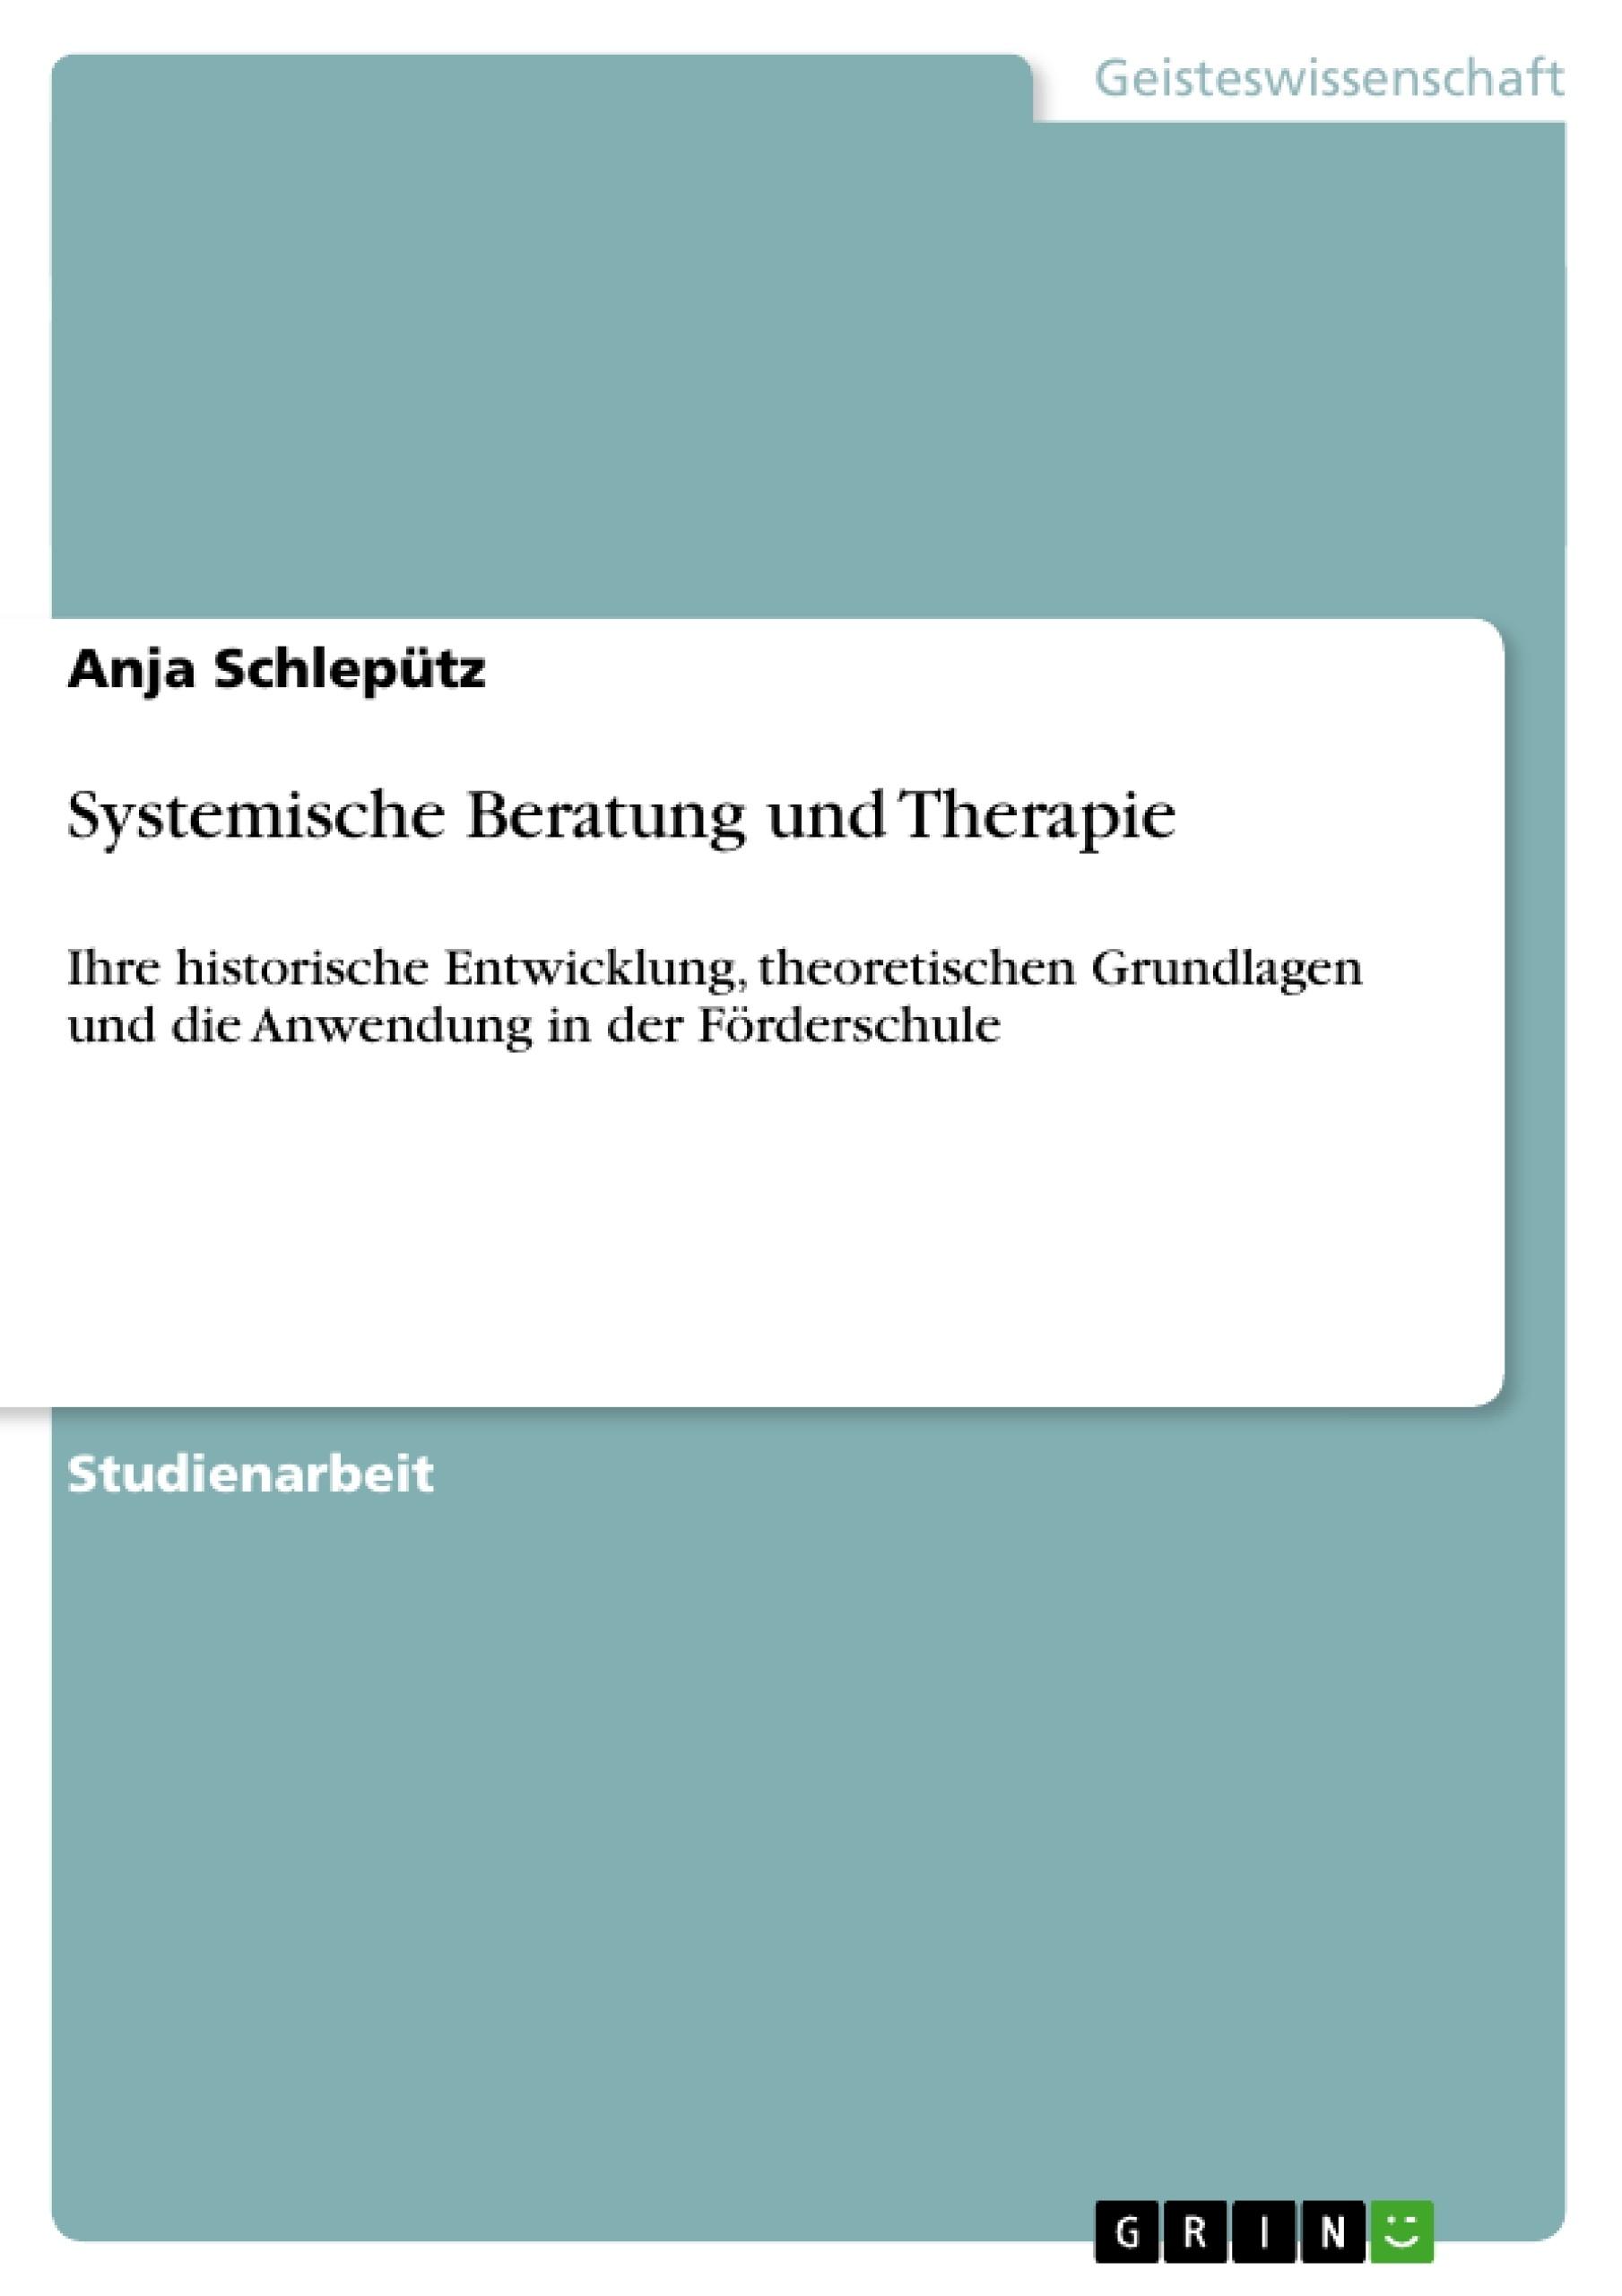 Titel: Systemische Beratung und Therapie